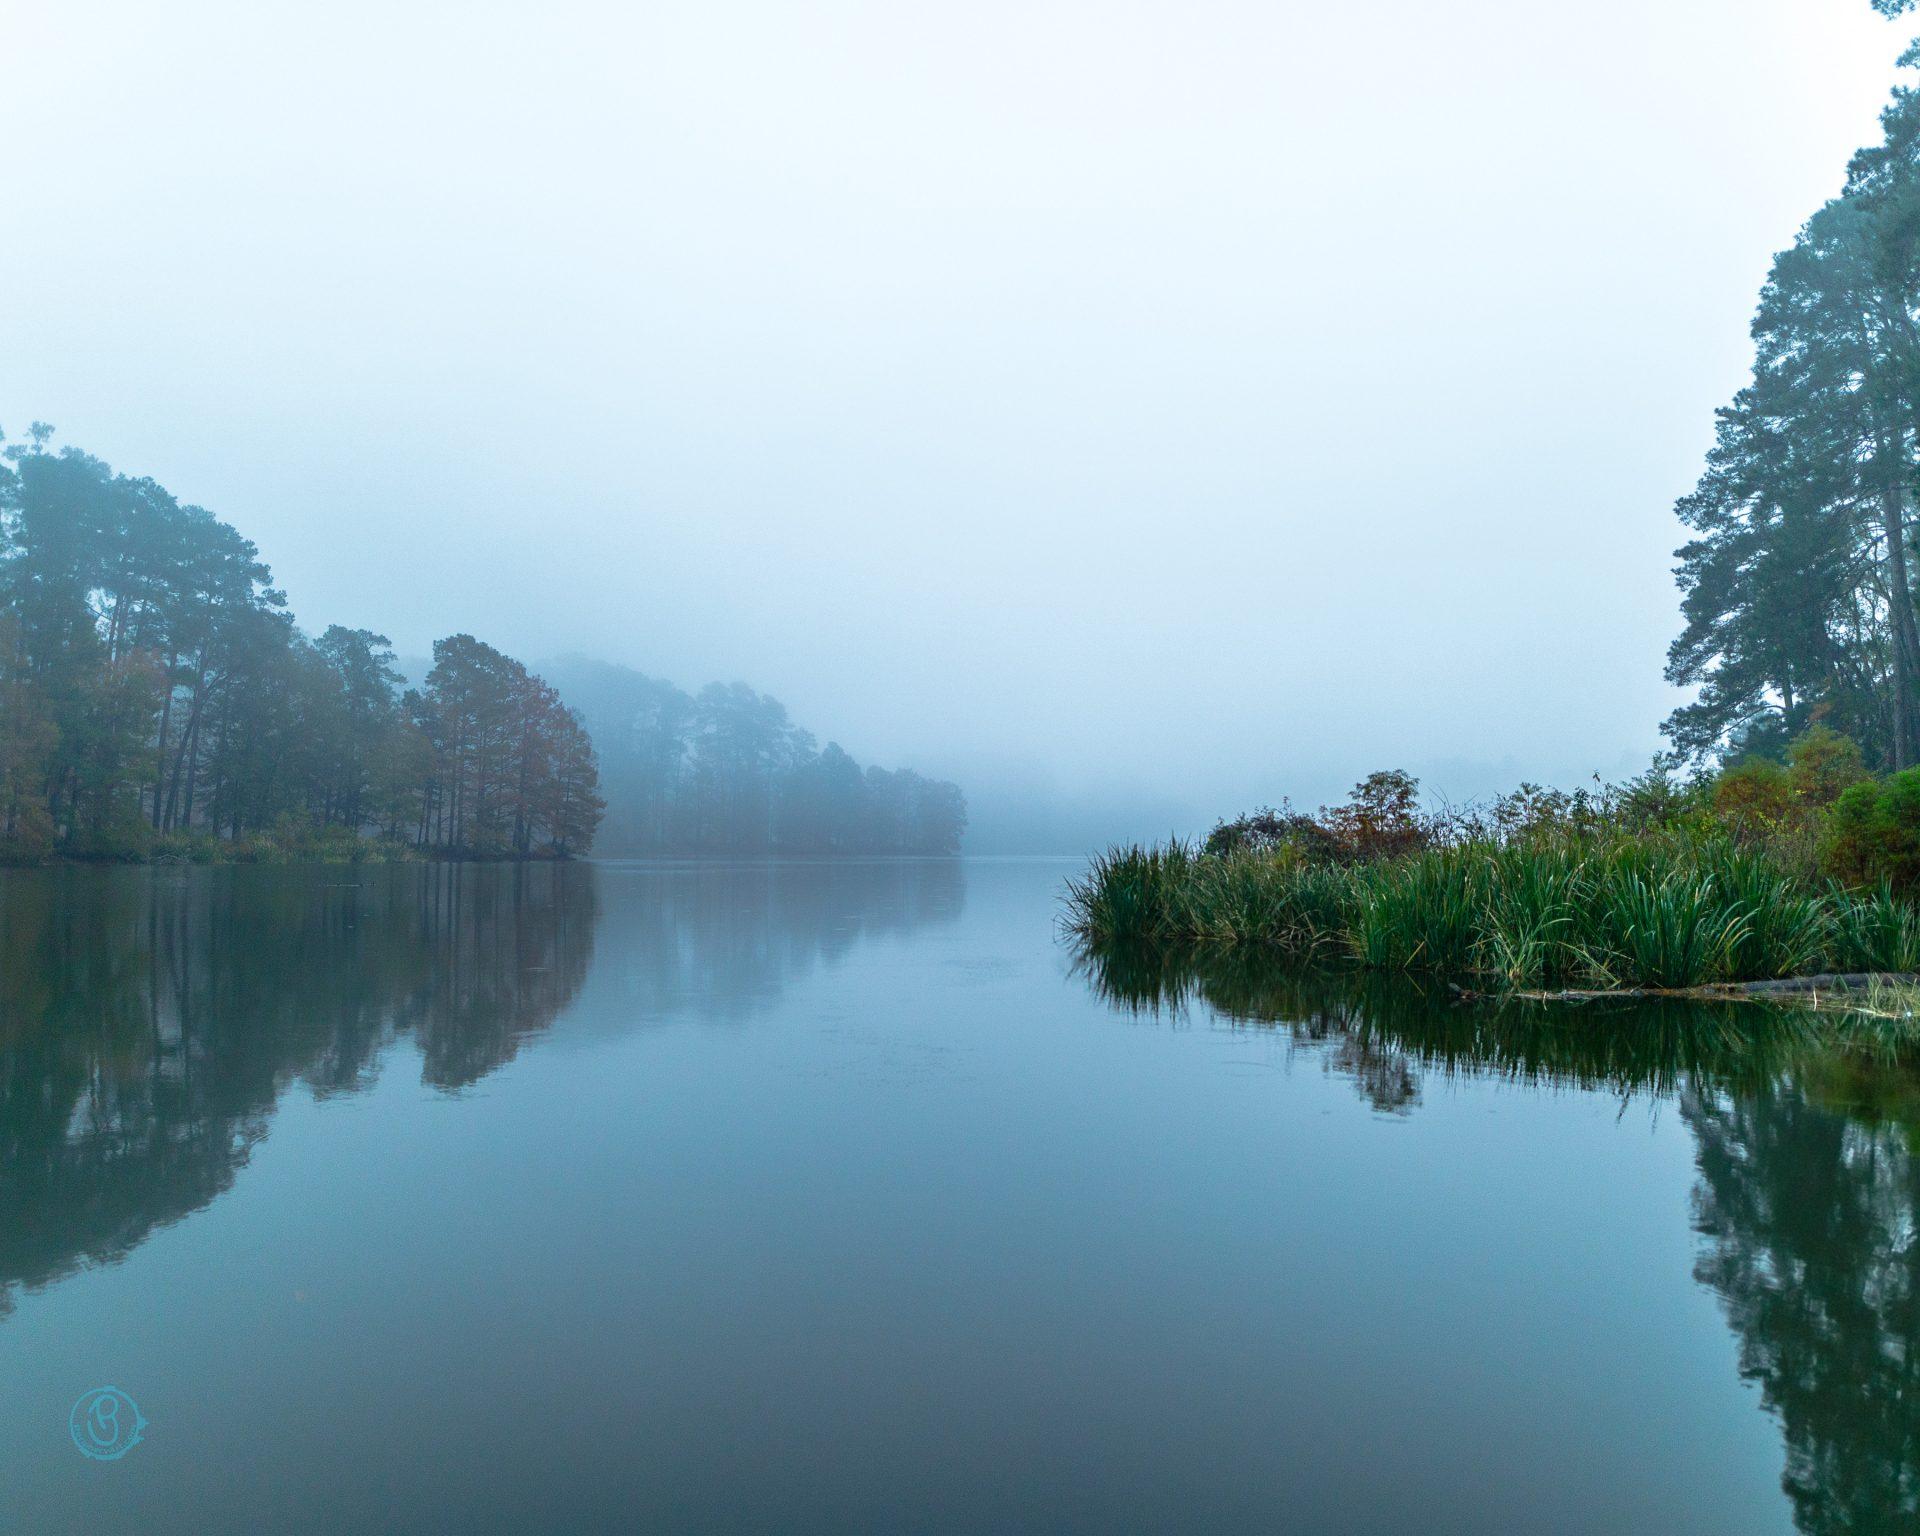 Misty morning on lake